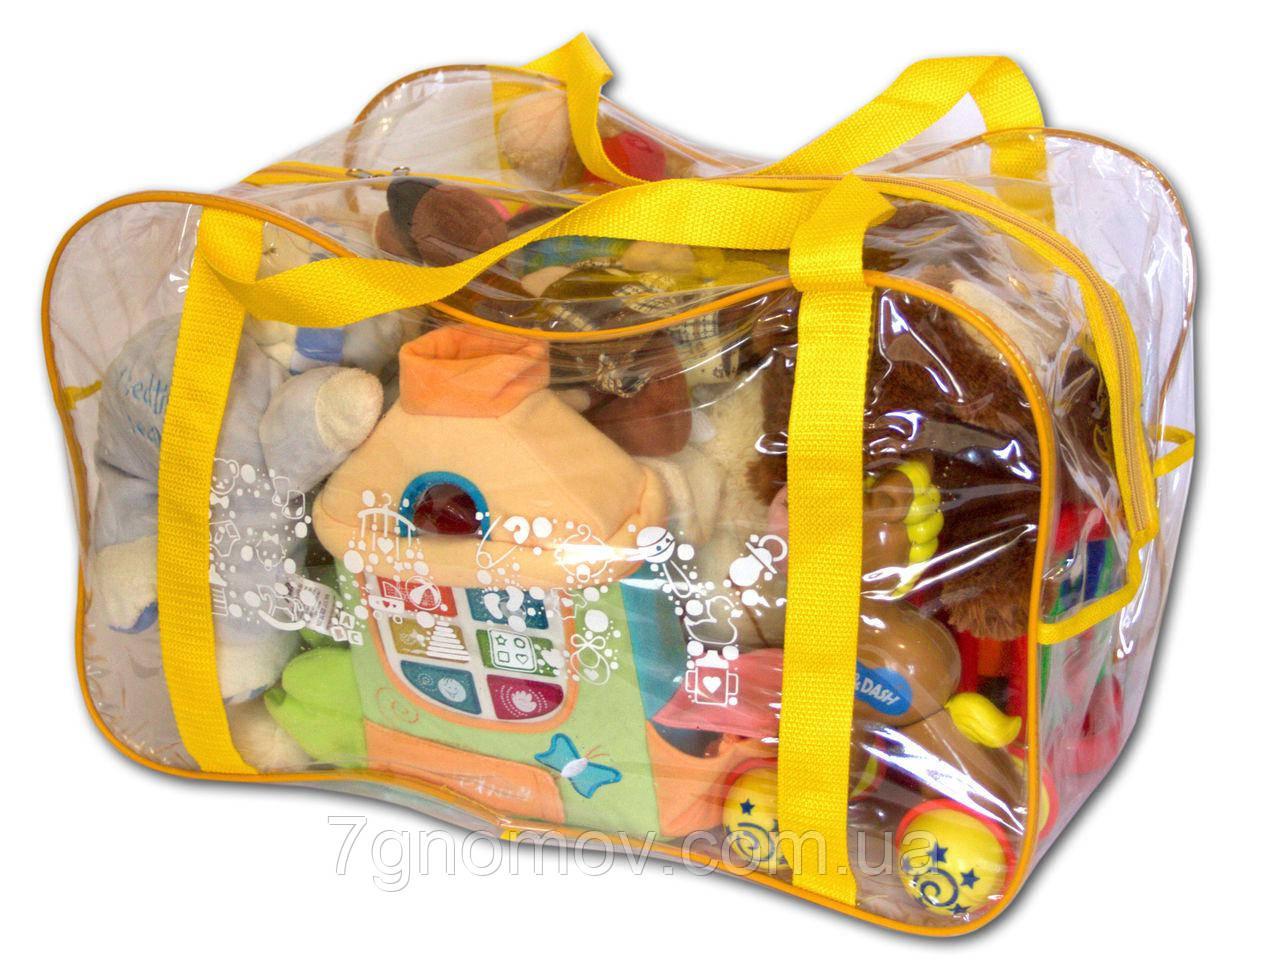 Сумка в роддом/для игрушек ORGANIZE K005 желтый